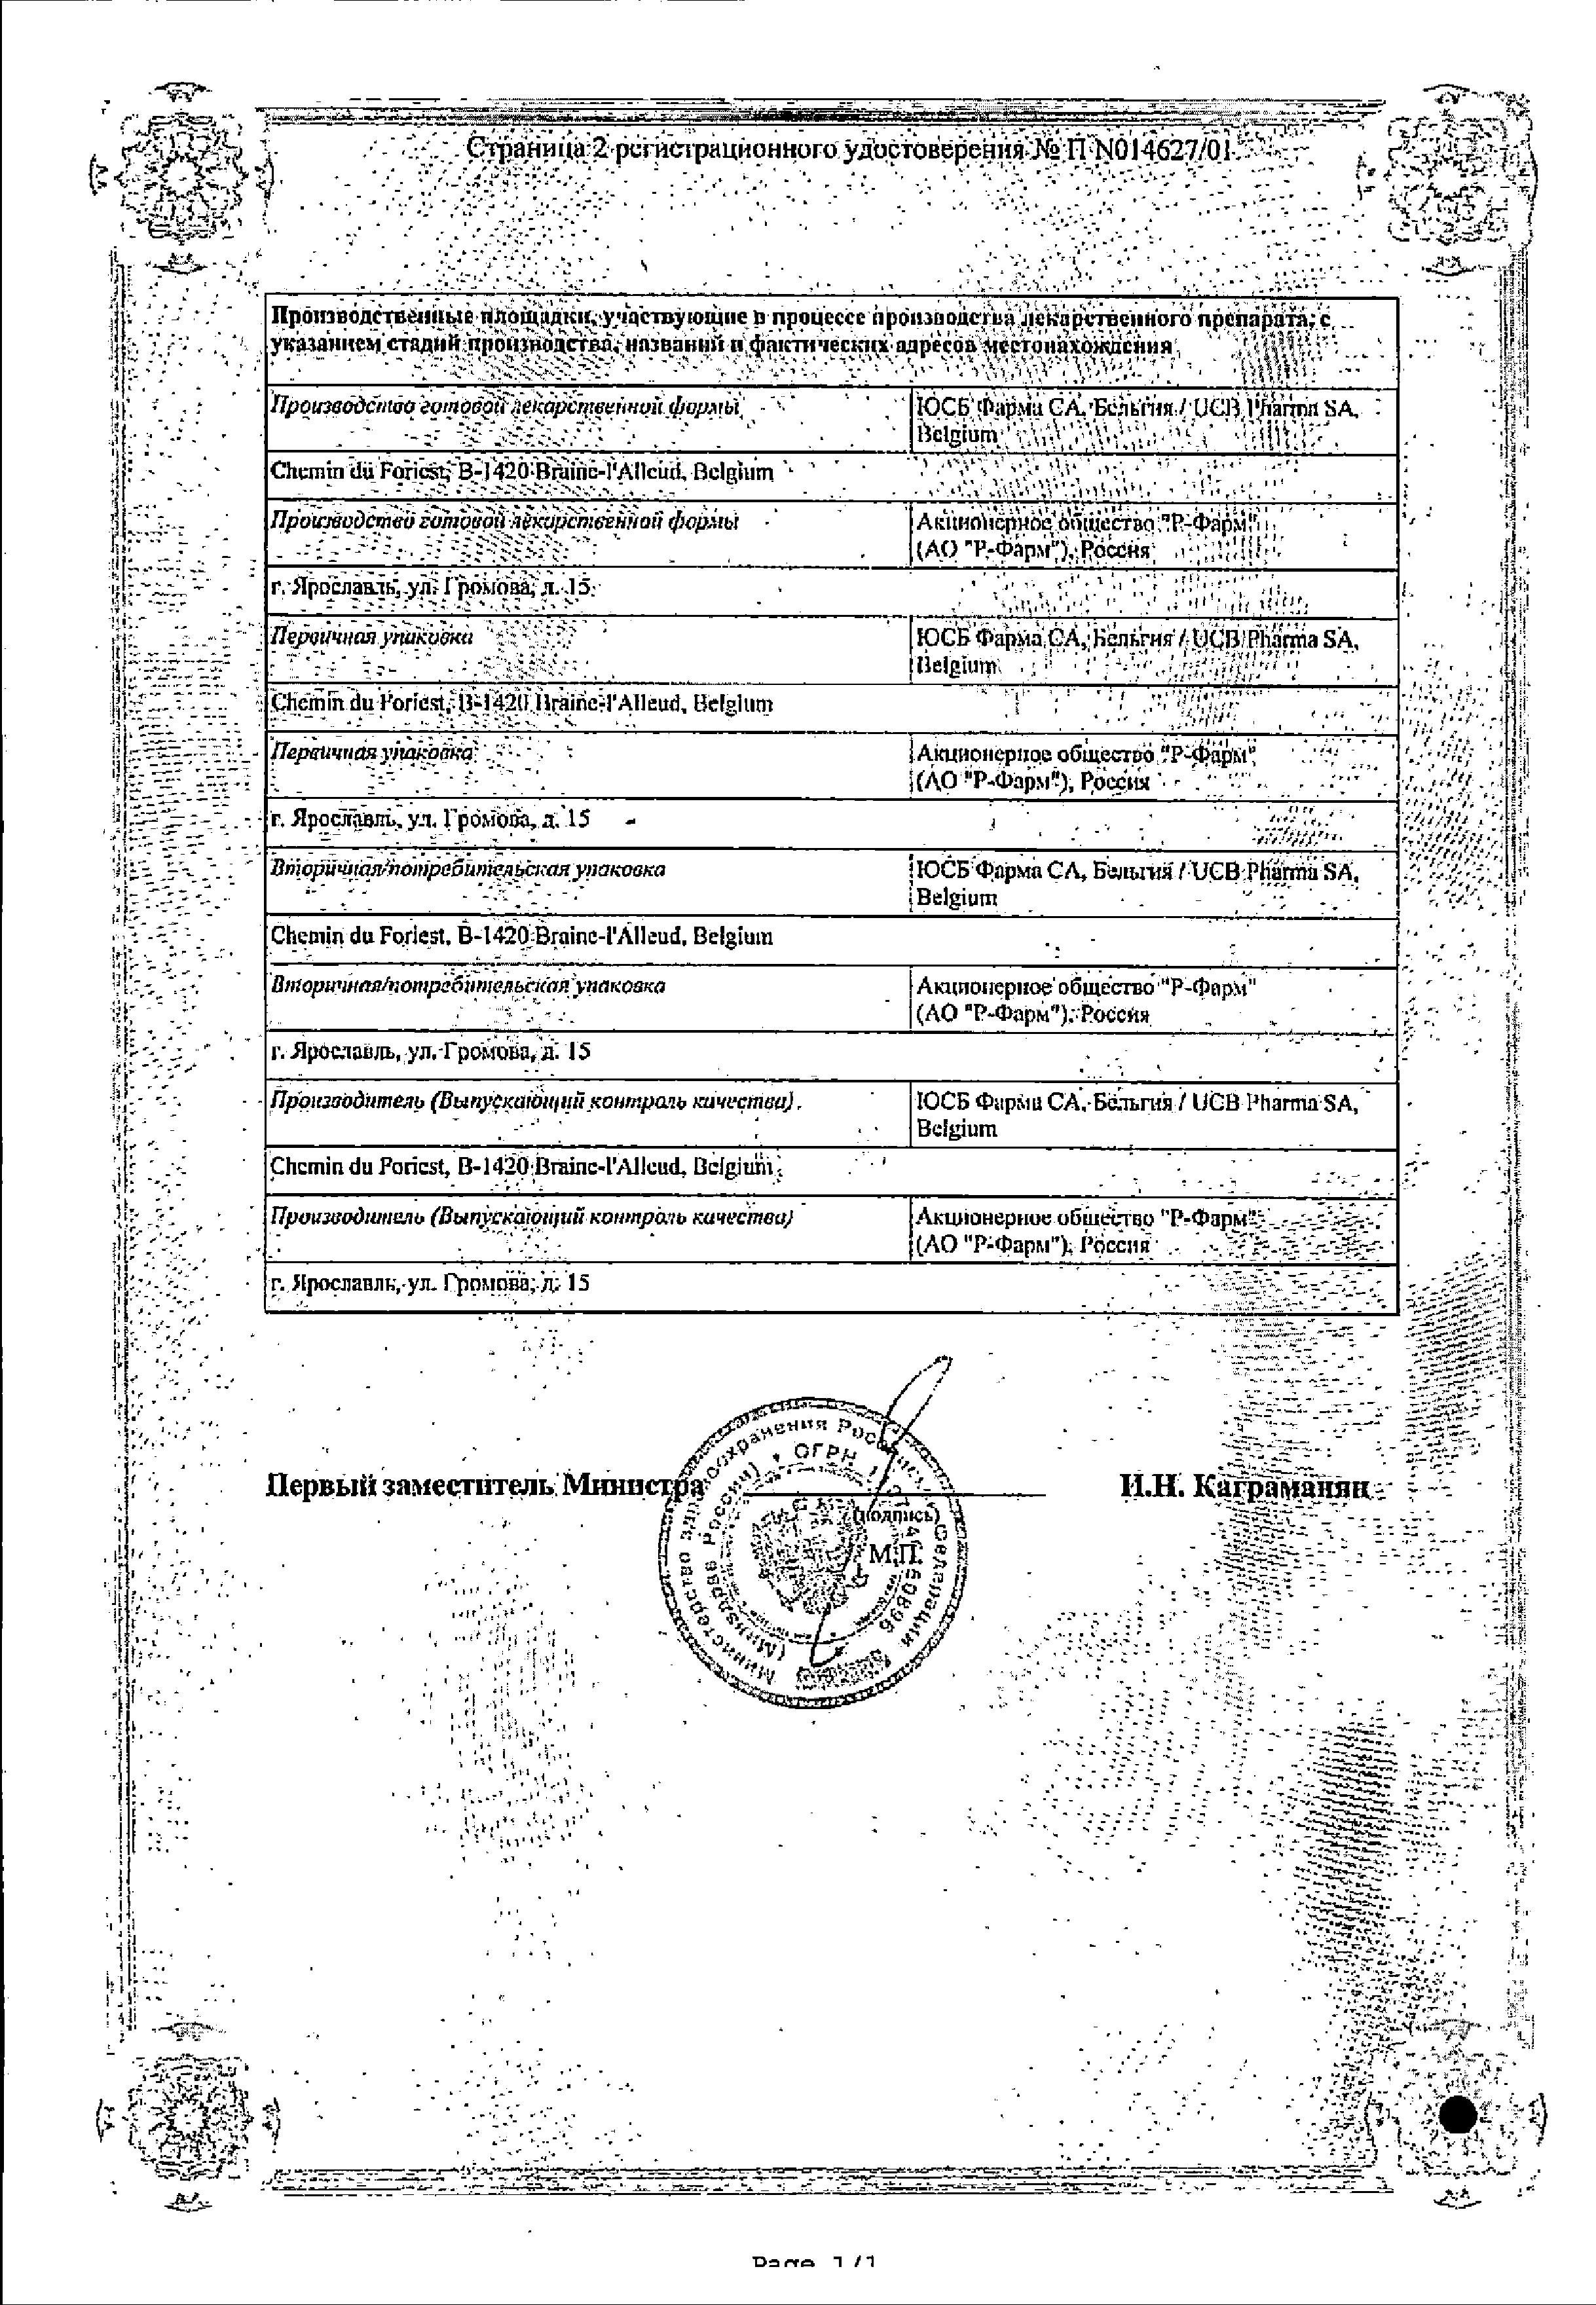 Кеппра сертификат